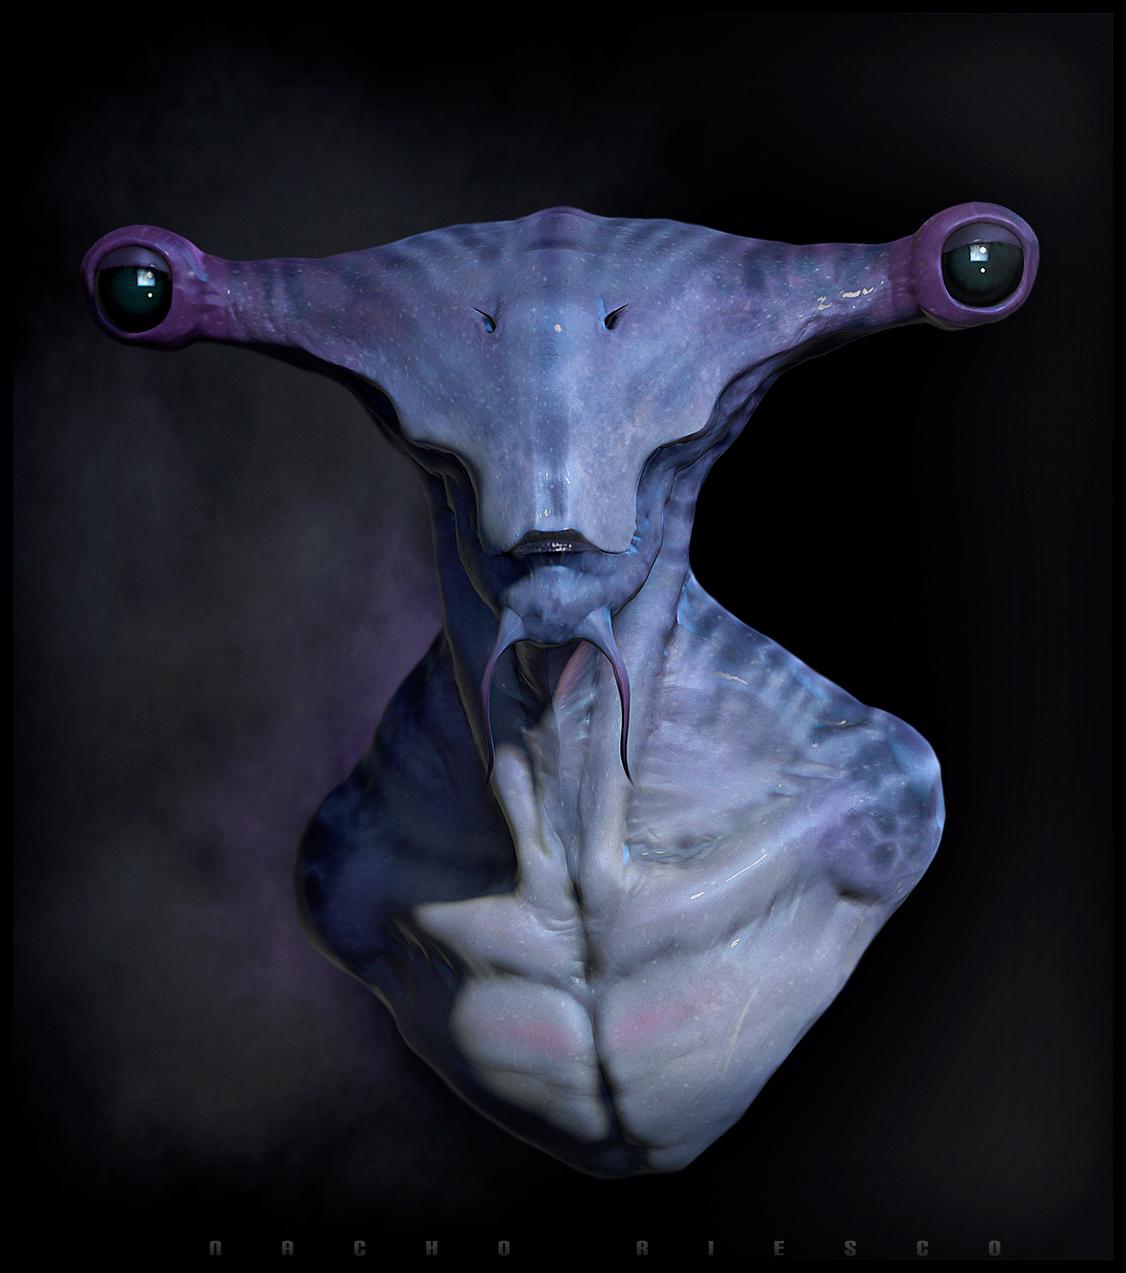 Cgi alien creature hentai pic